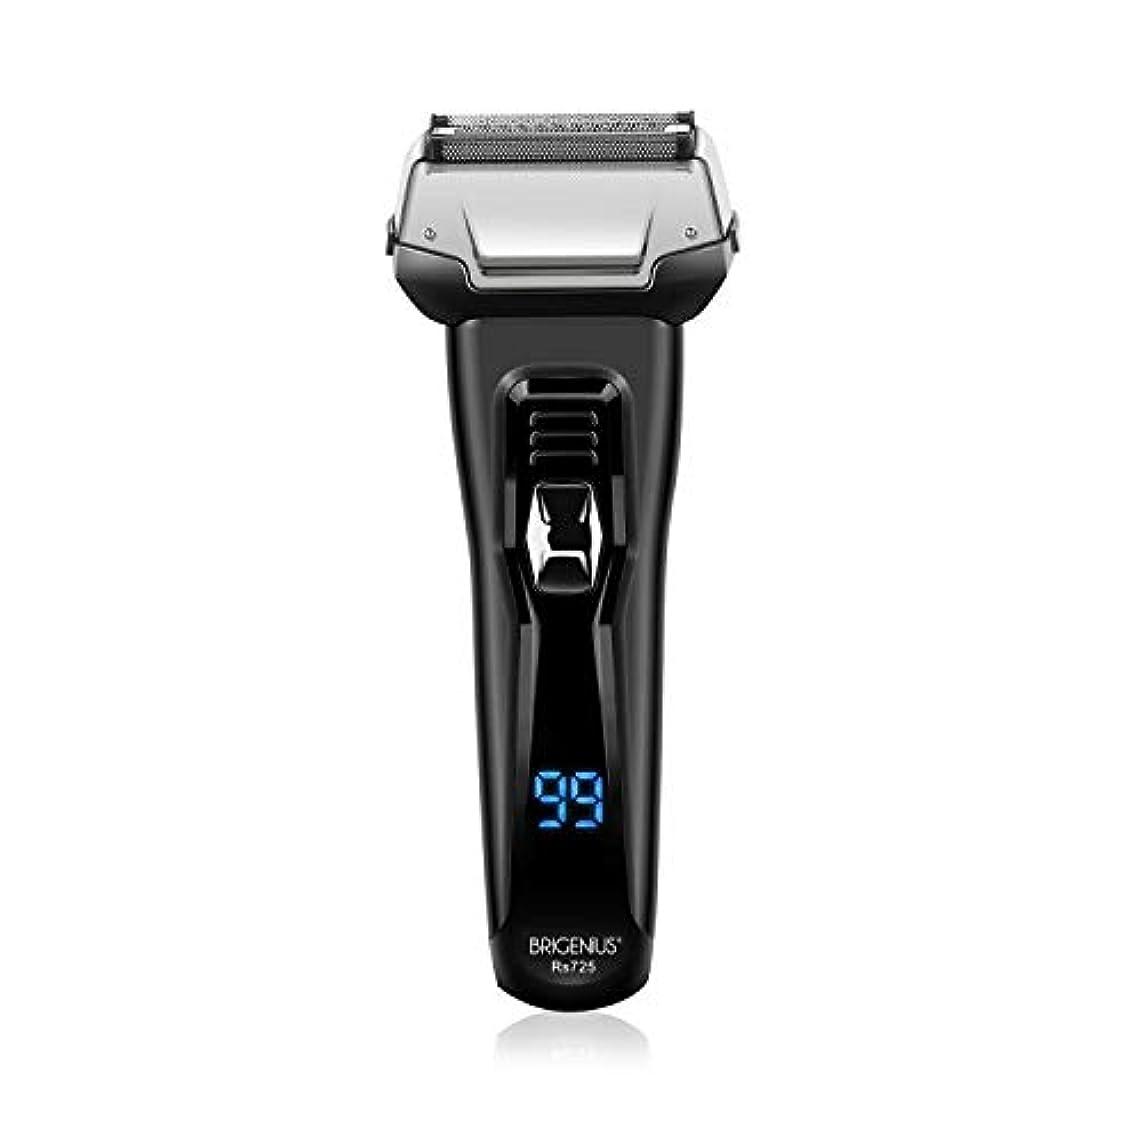 買い手病なペスト電気シェーバー 3枚刃 往復式 髭剃り ひげそり 水洗い お風呂剃り可 シェーバー LCD残量表示 USB充電式 深剃り トリマー付き 電気カミソリ メンズシェーバー